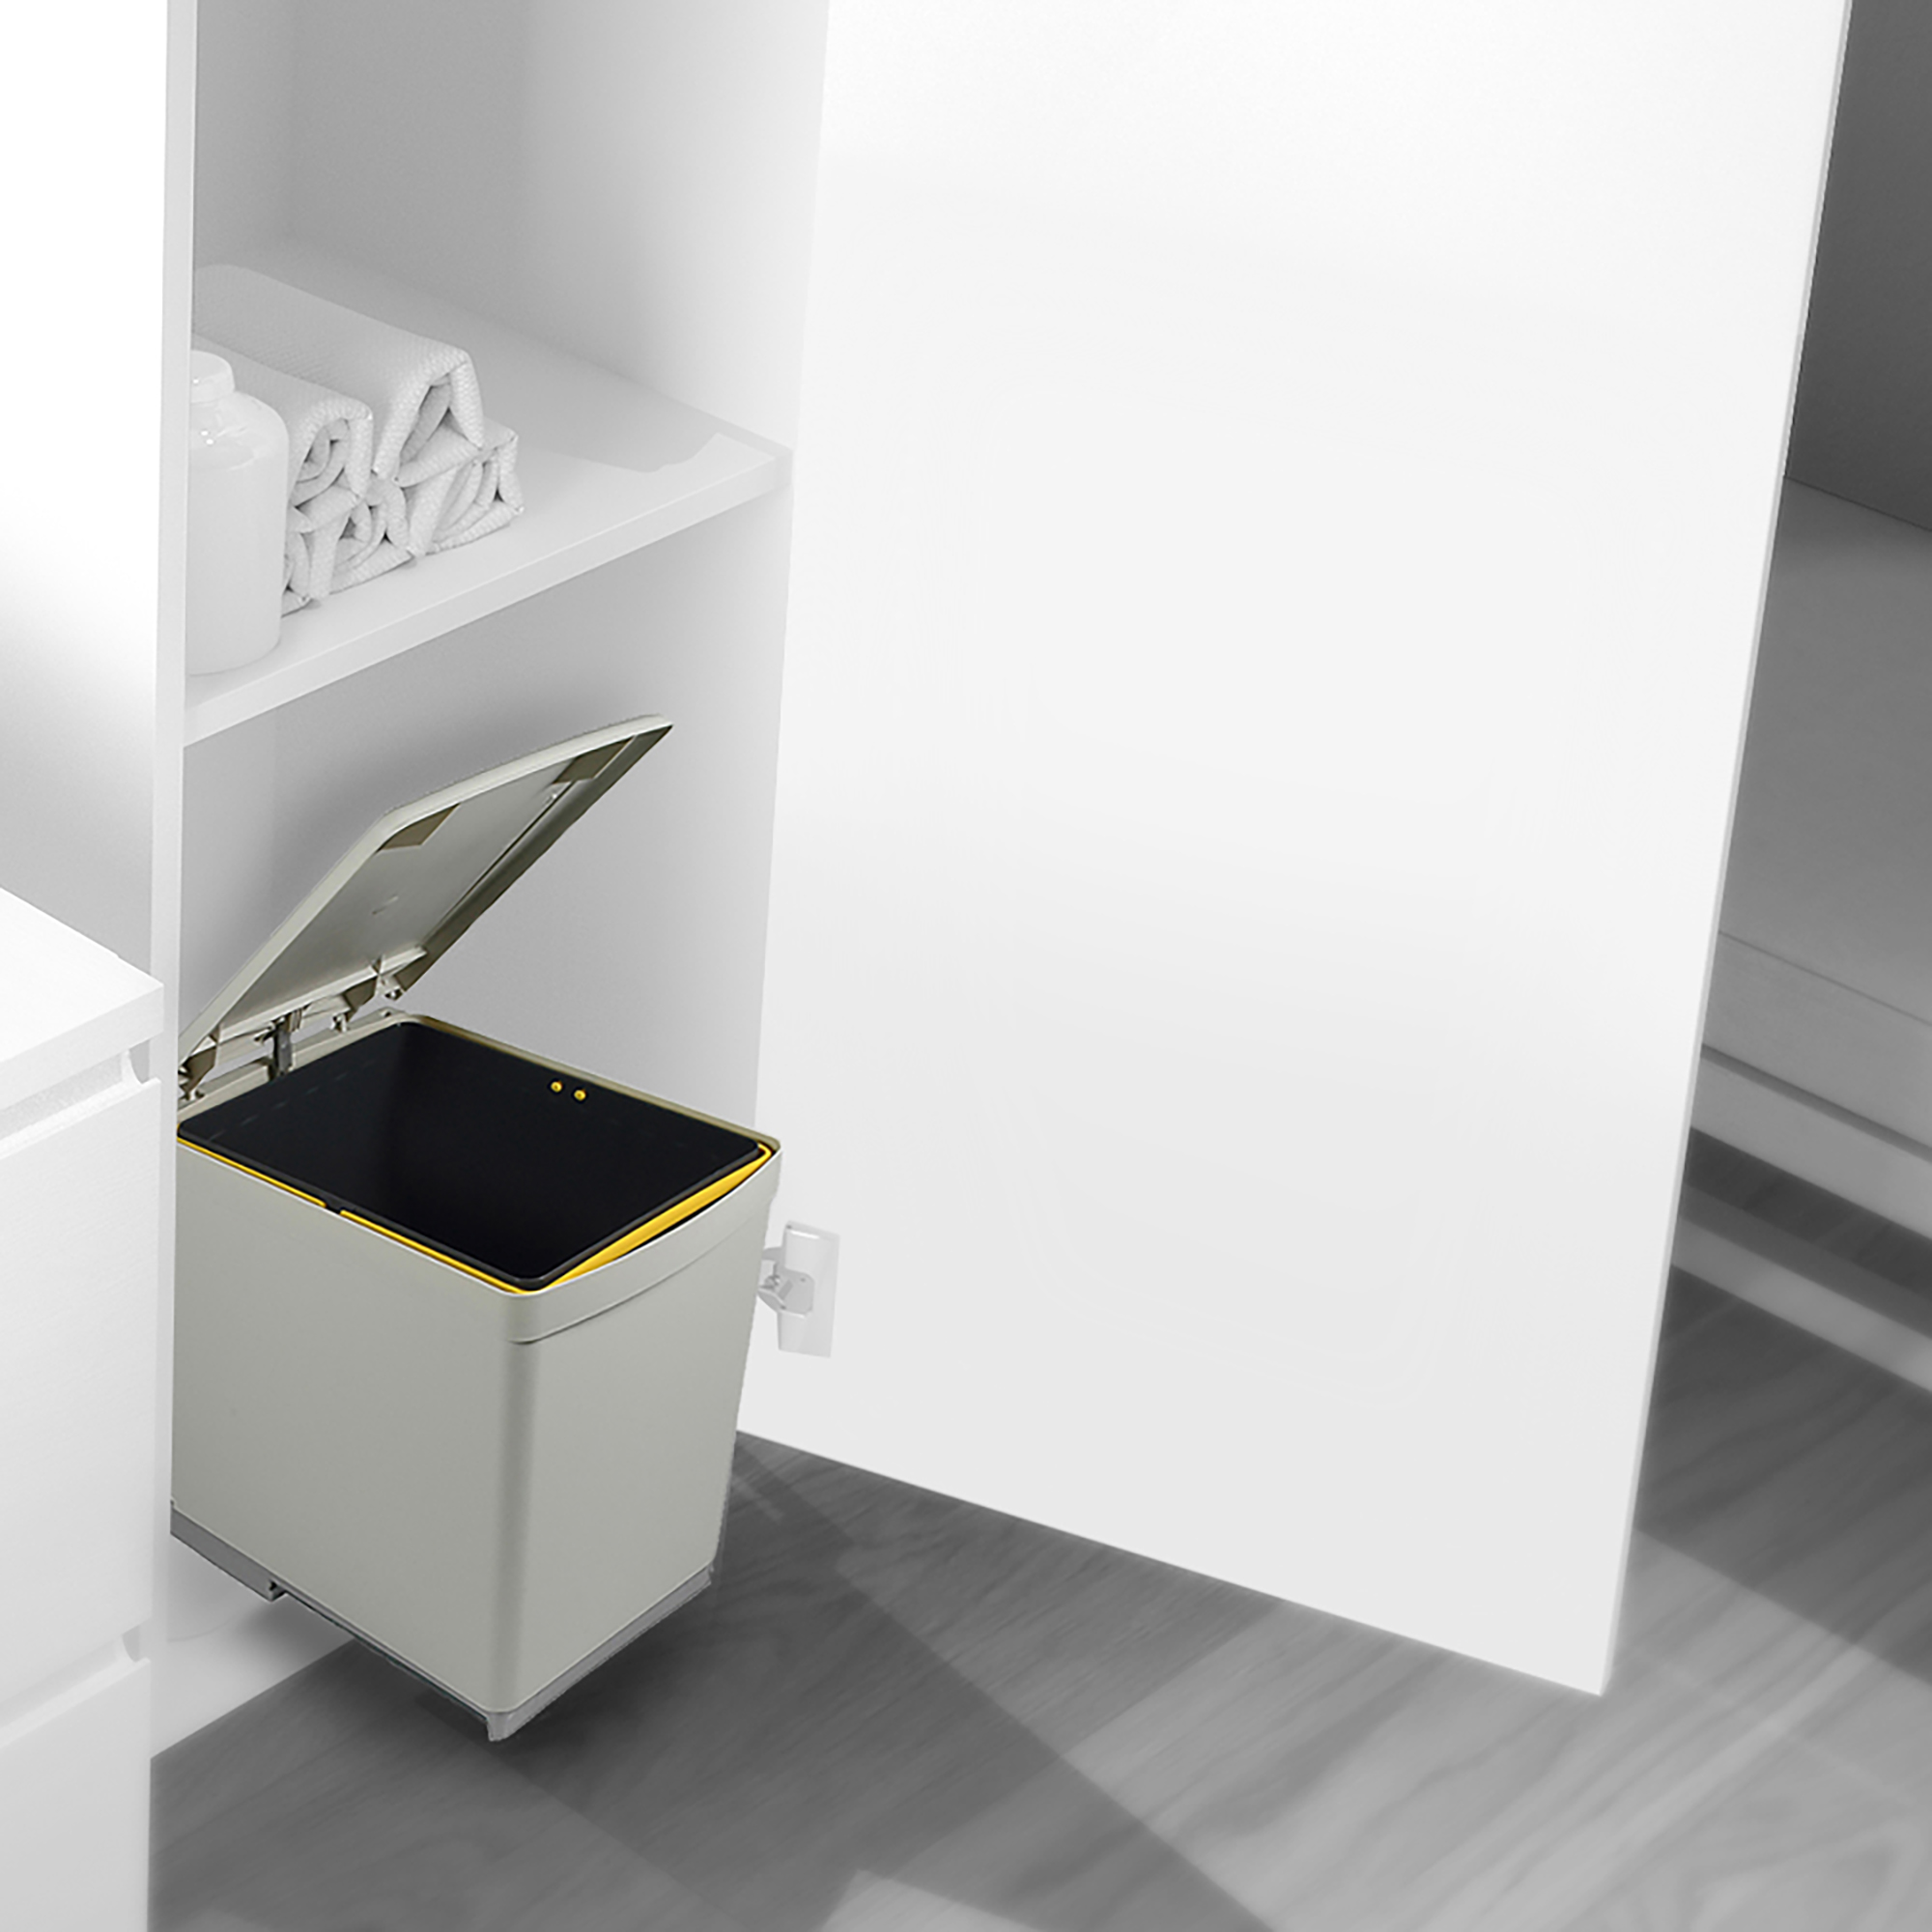 Emuca Pattumiera per differenziata, 16L, fissaggio inferiore, estrazione manuale, coperchio apertura automatica, Plastica, Grigi